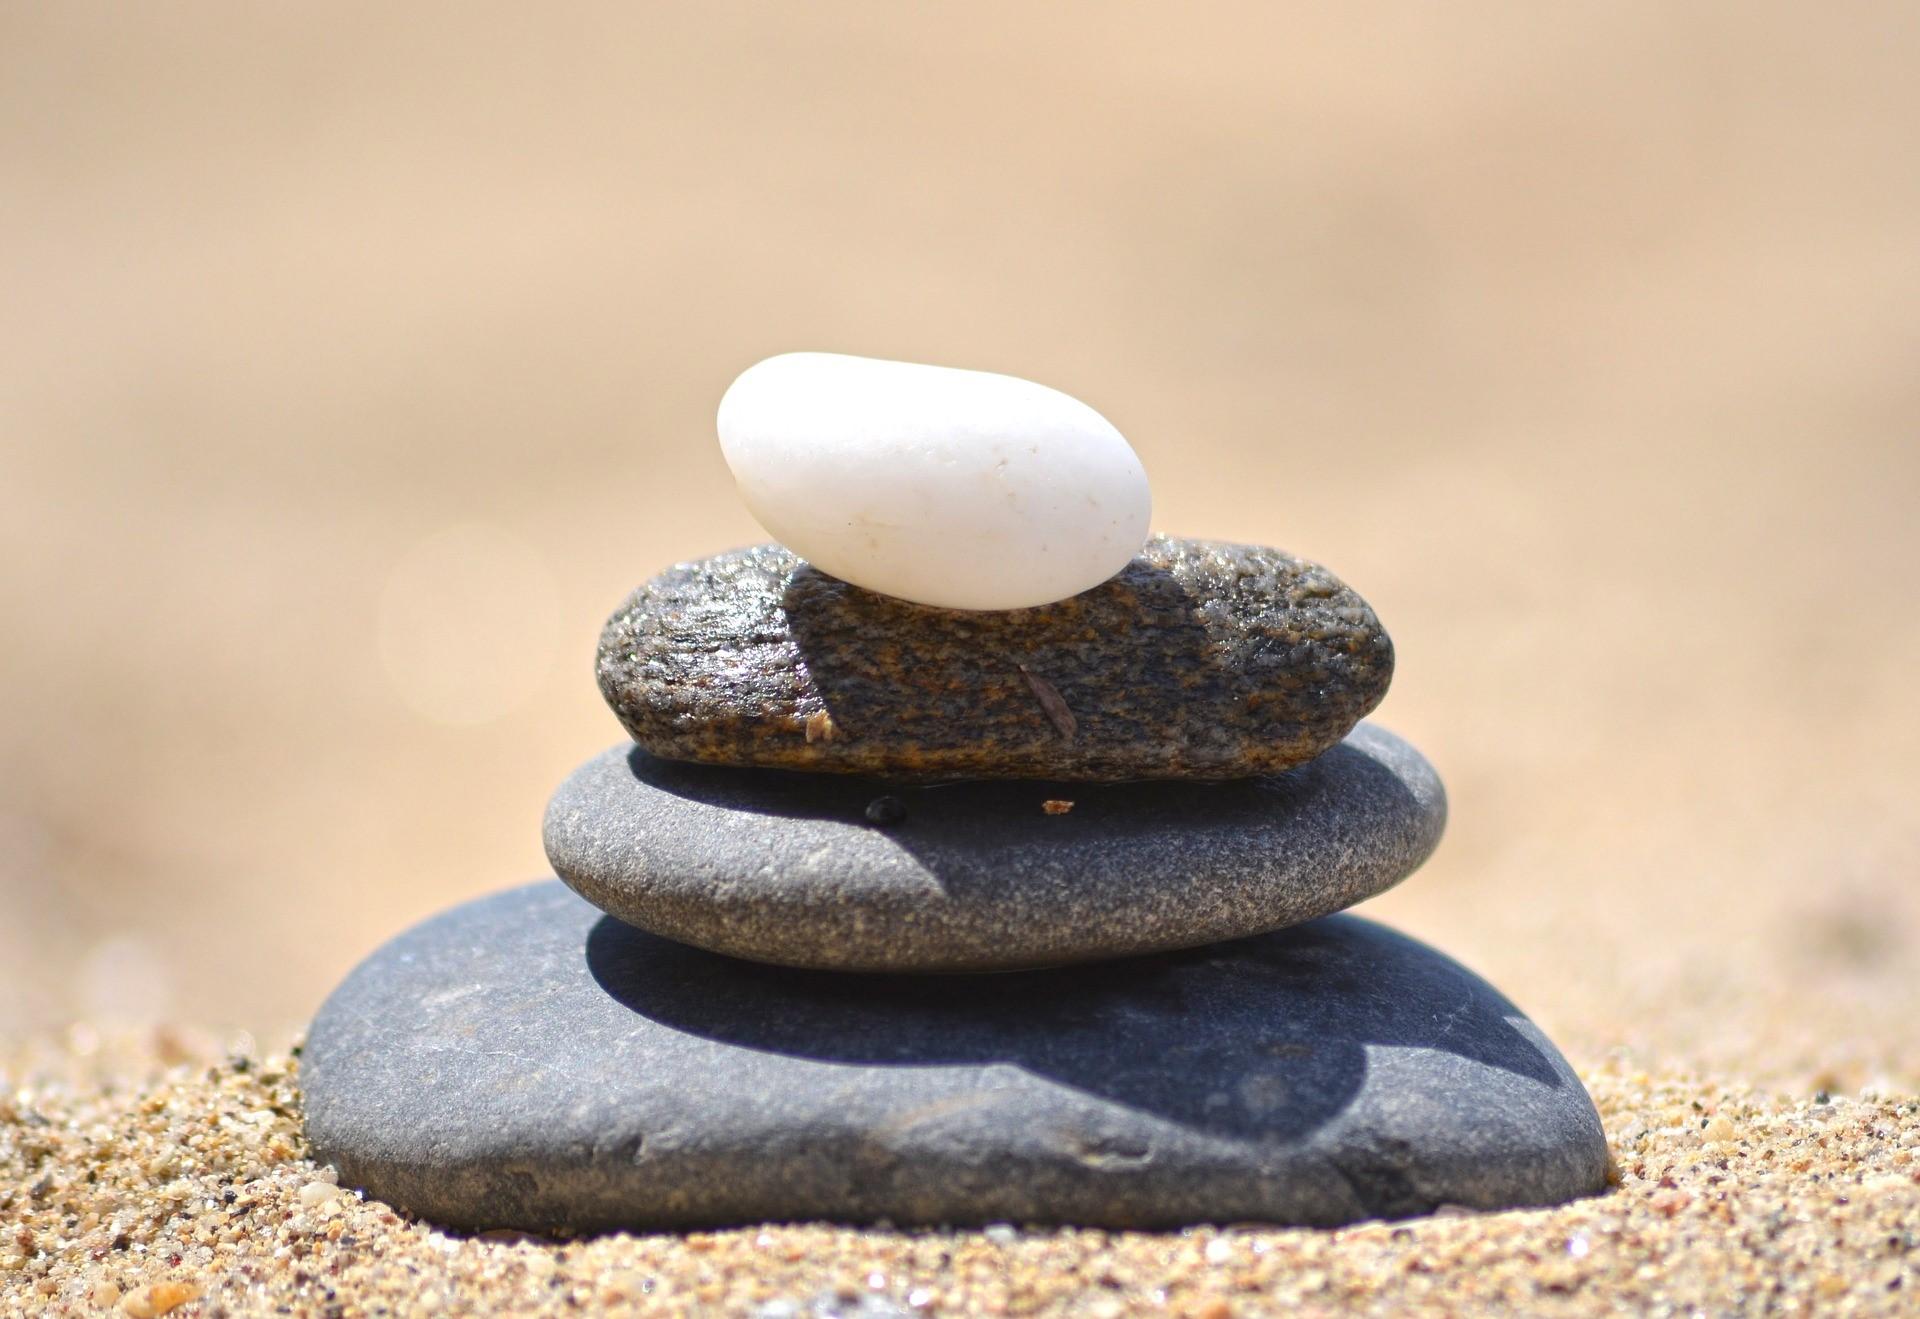 stones-2444522_1920.jpg